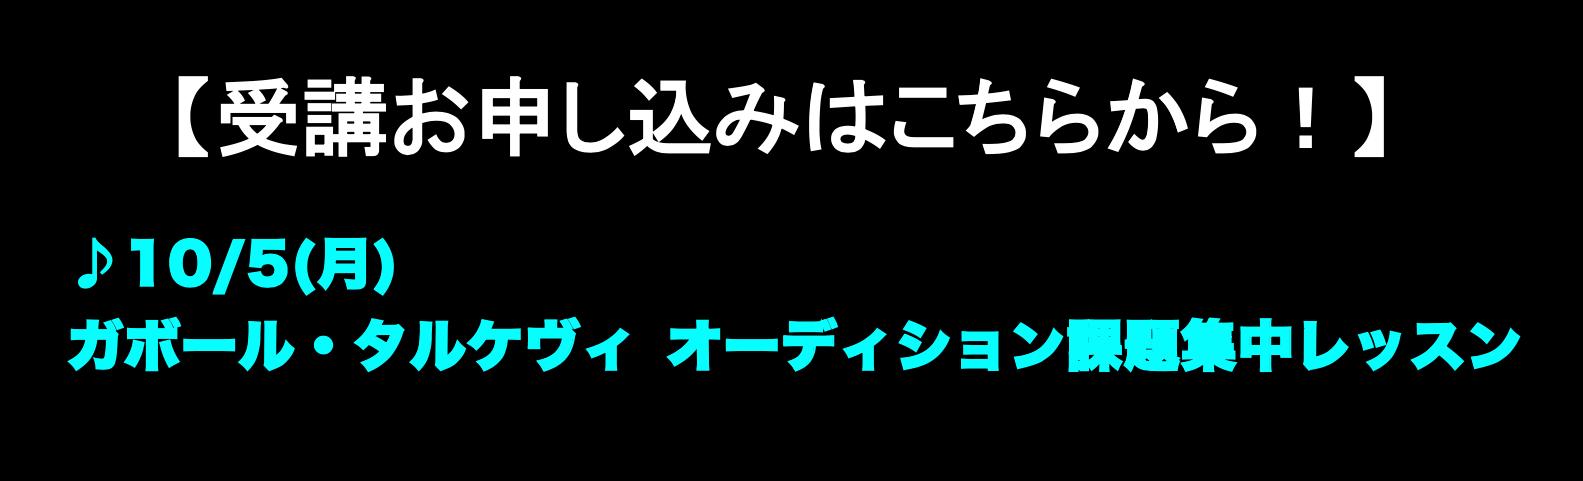 10/5 G.タルケヴィ受講生募集